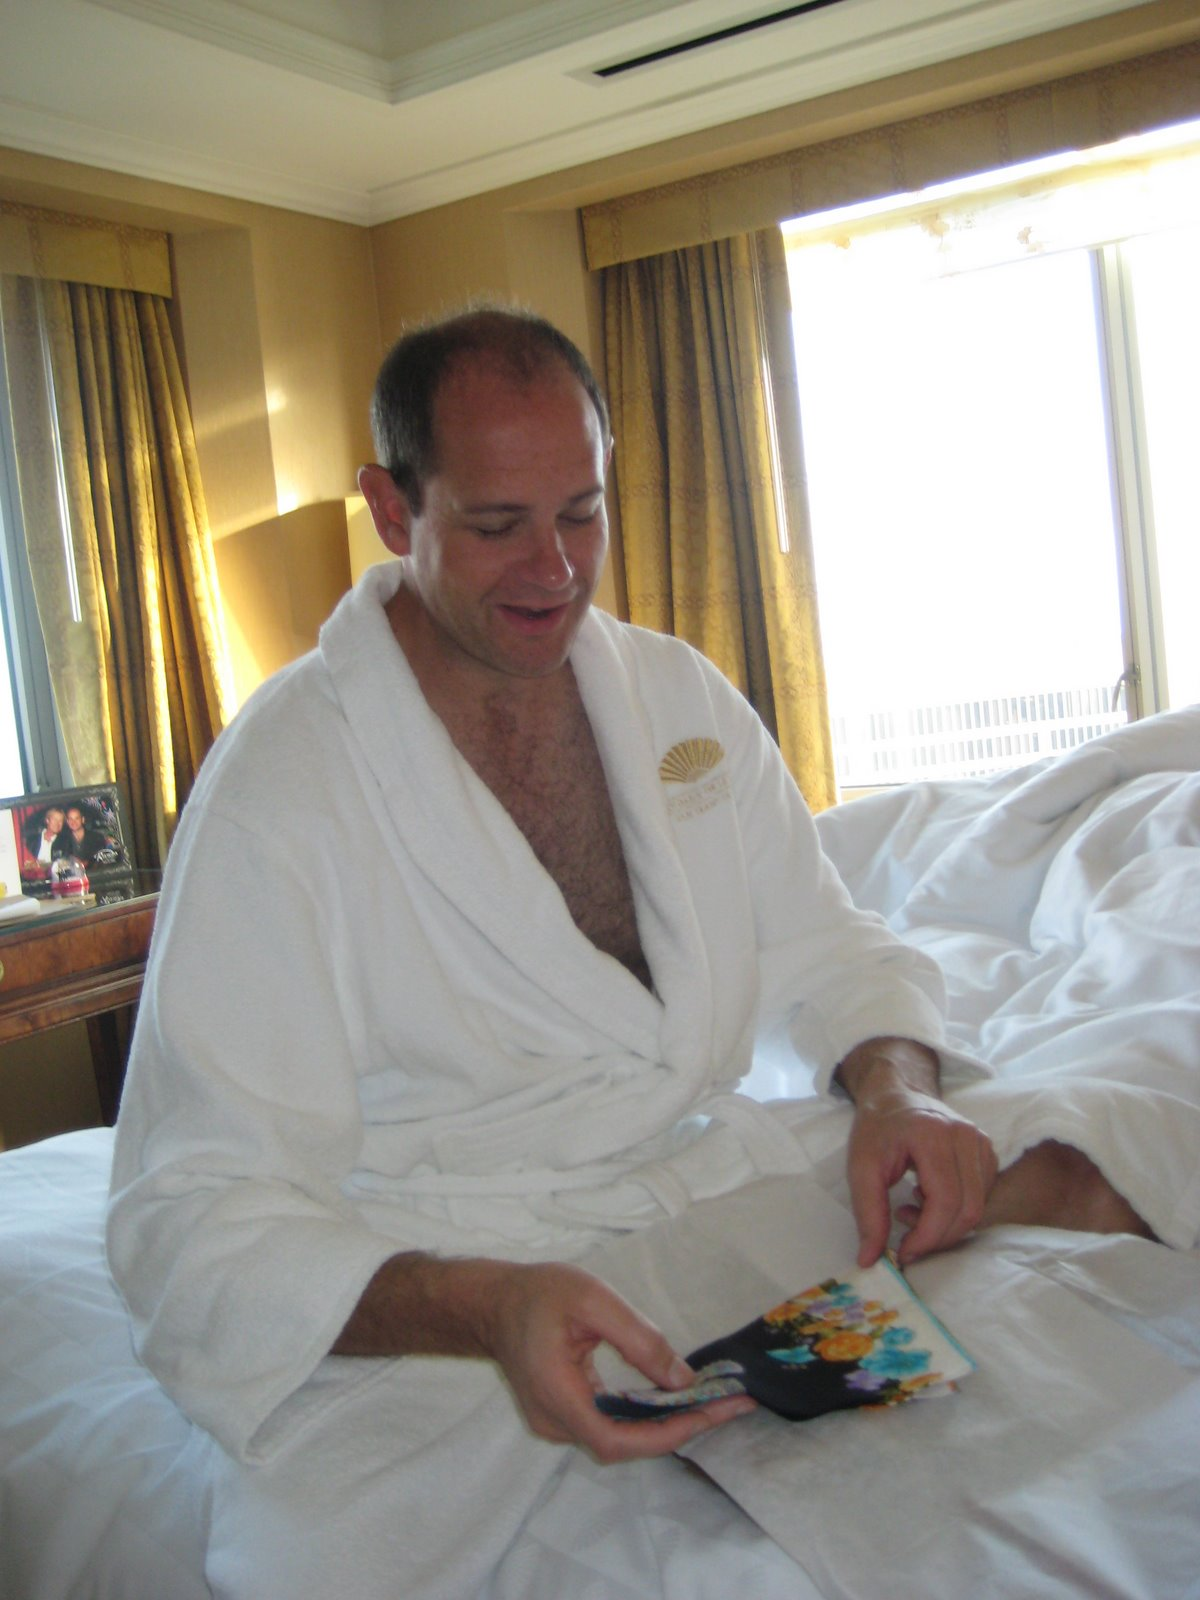 Paul-hotel_bed.jpg